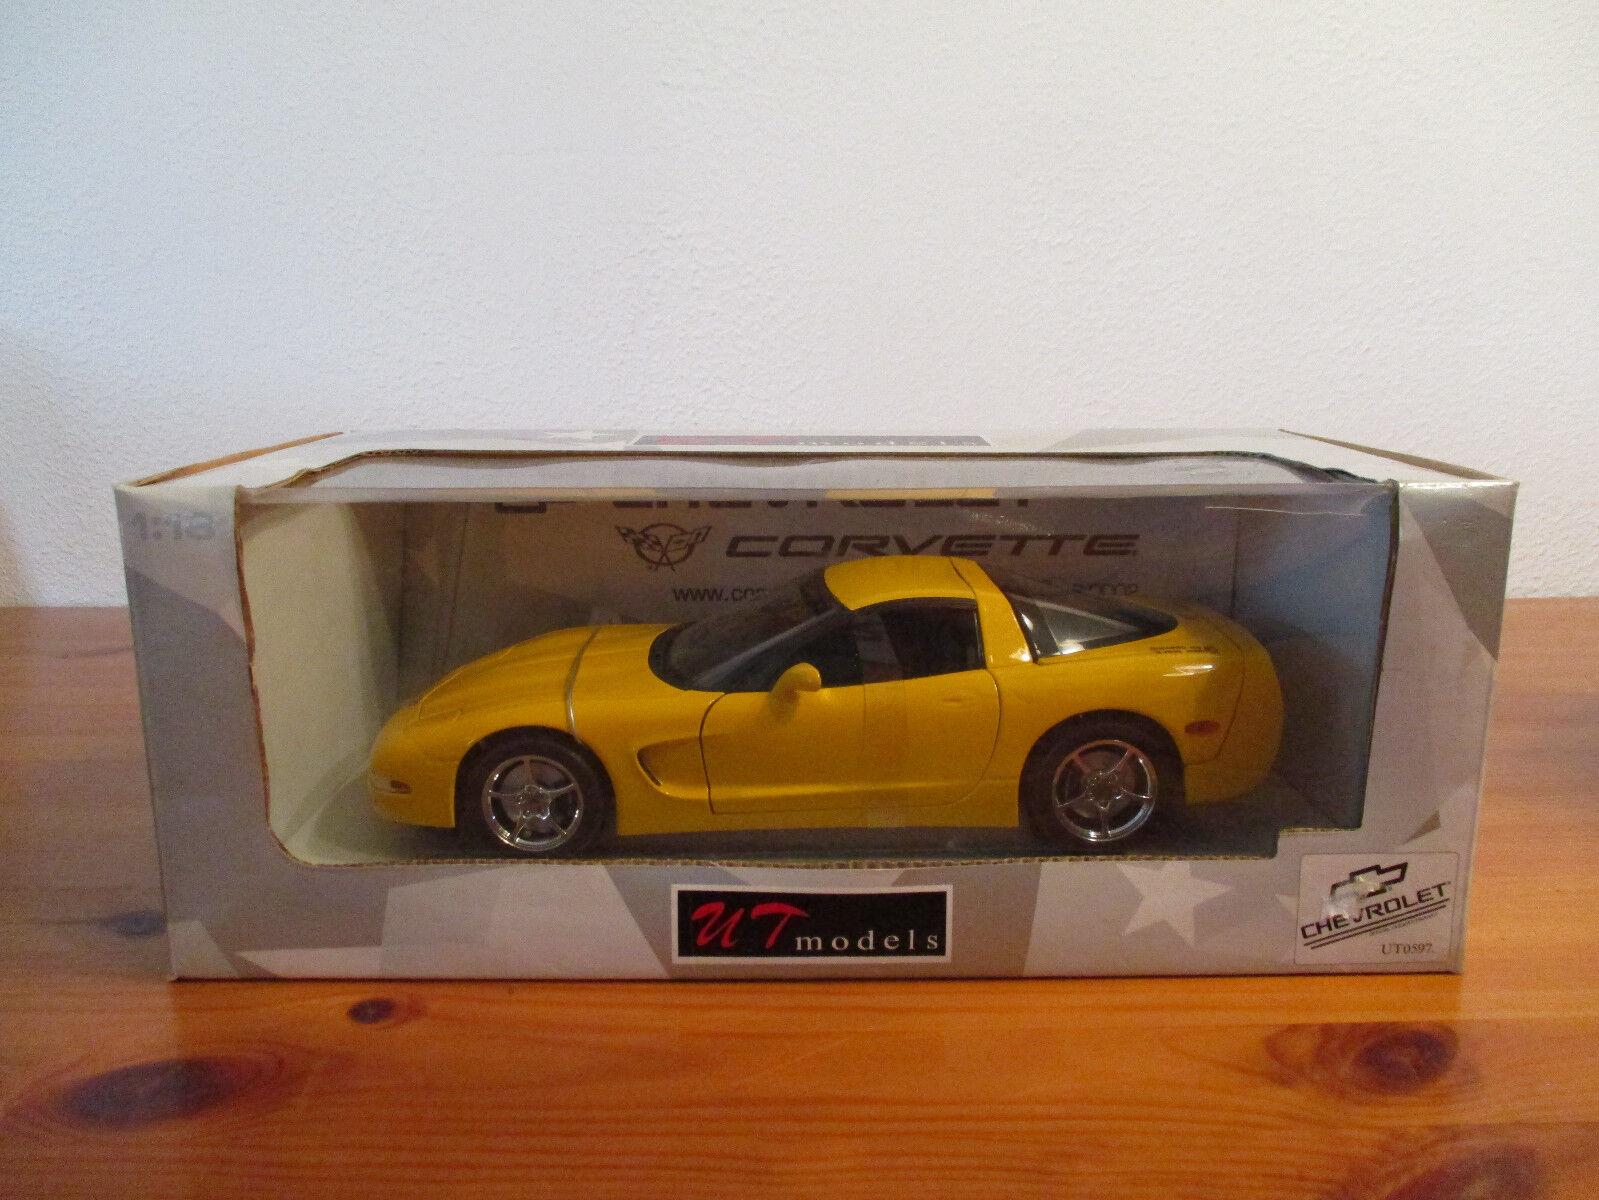 ( GO ) 1 18 UT Models Chevrolet Corvette NEU OVP